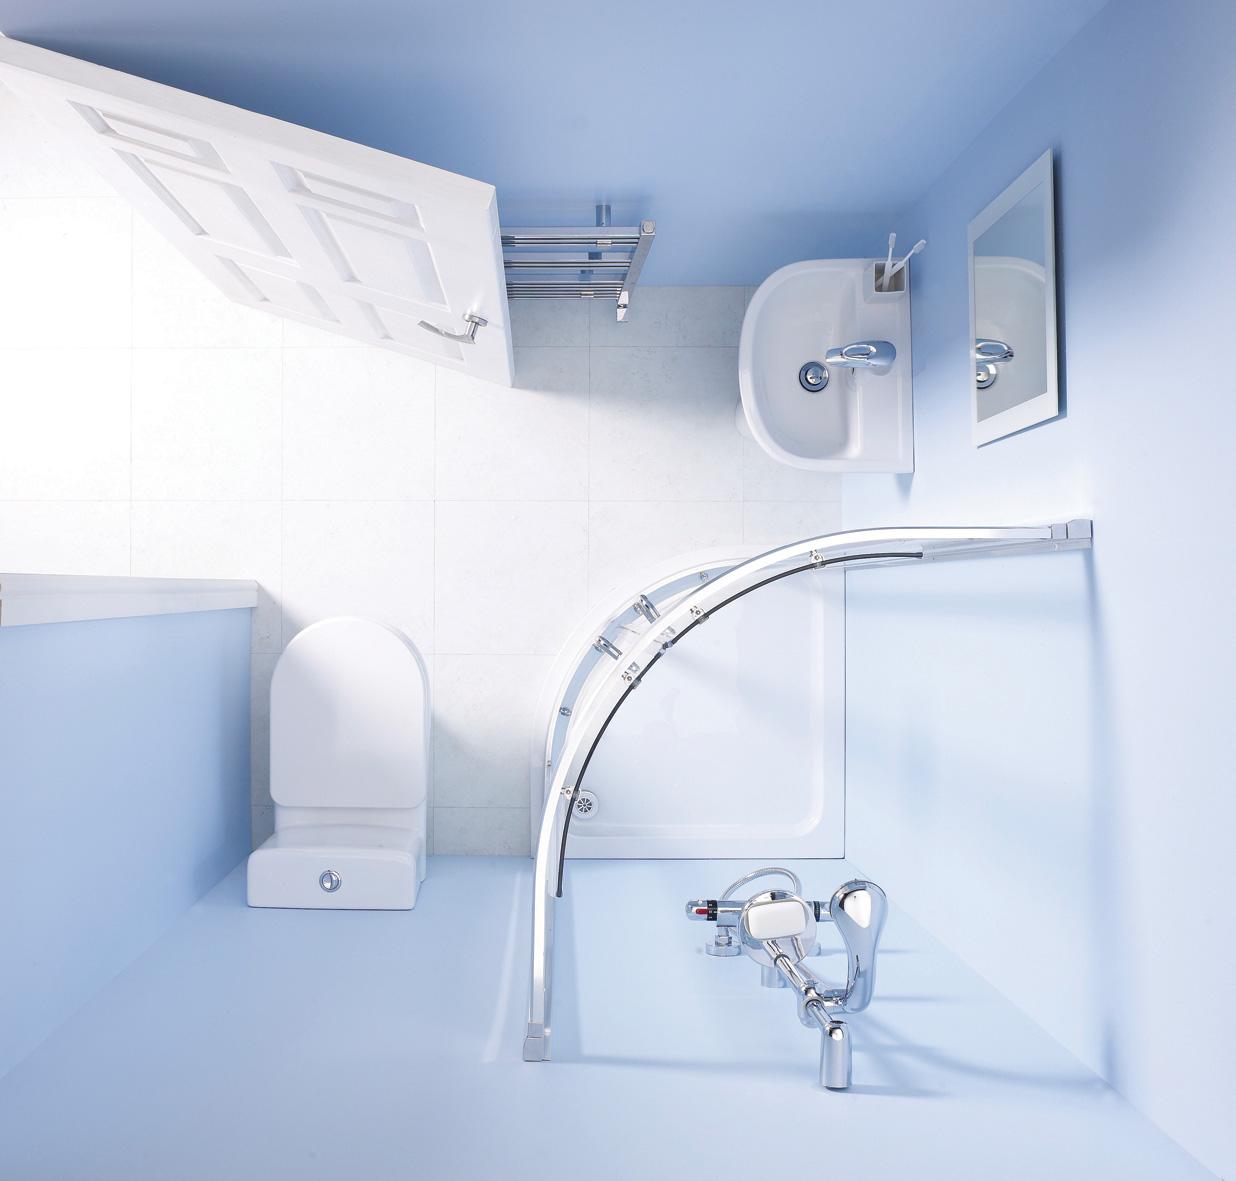 Baño Bajo Una Escalera:Un cuarto de baño completo en 3m2